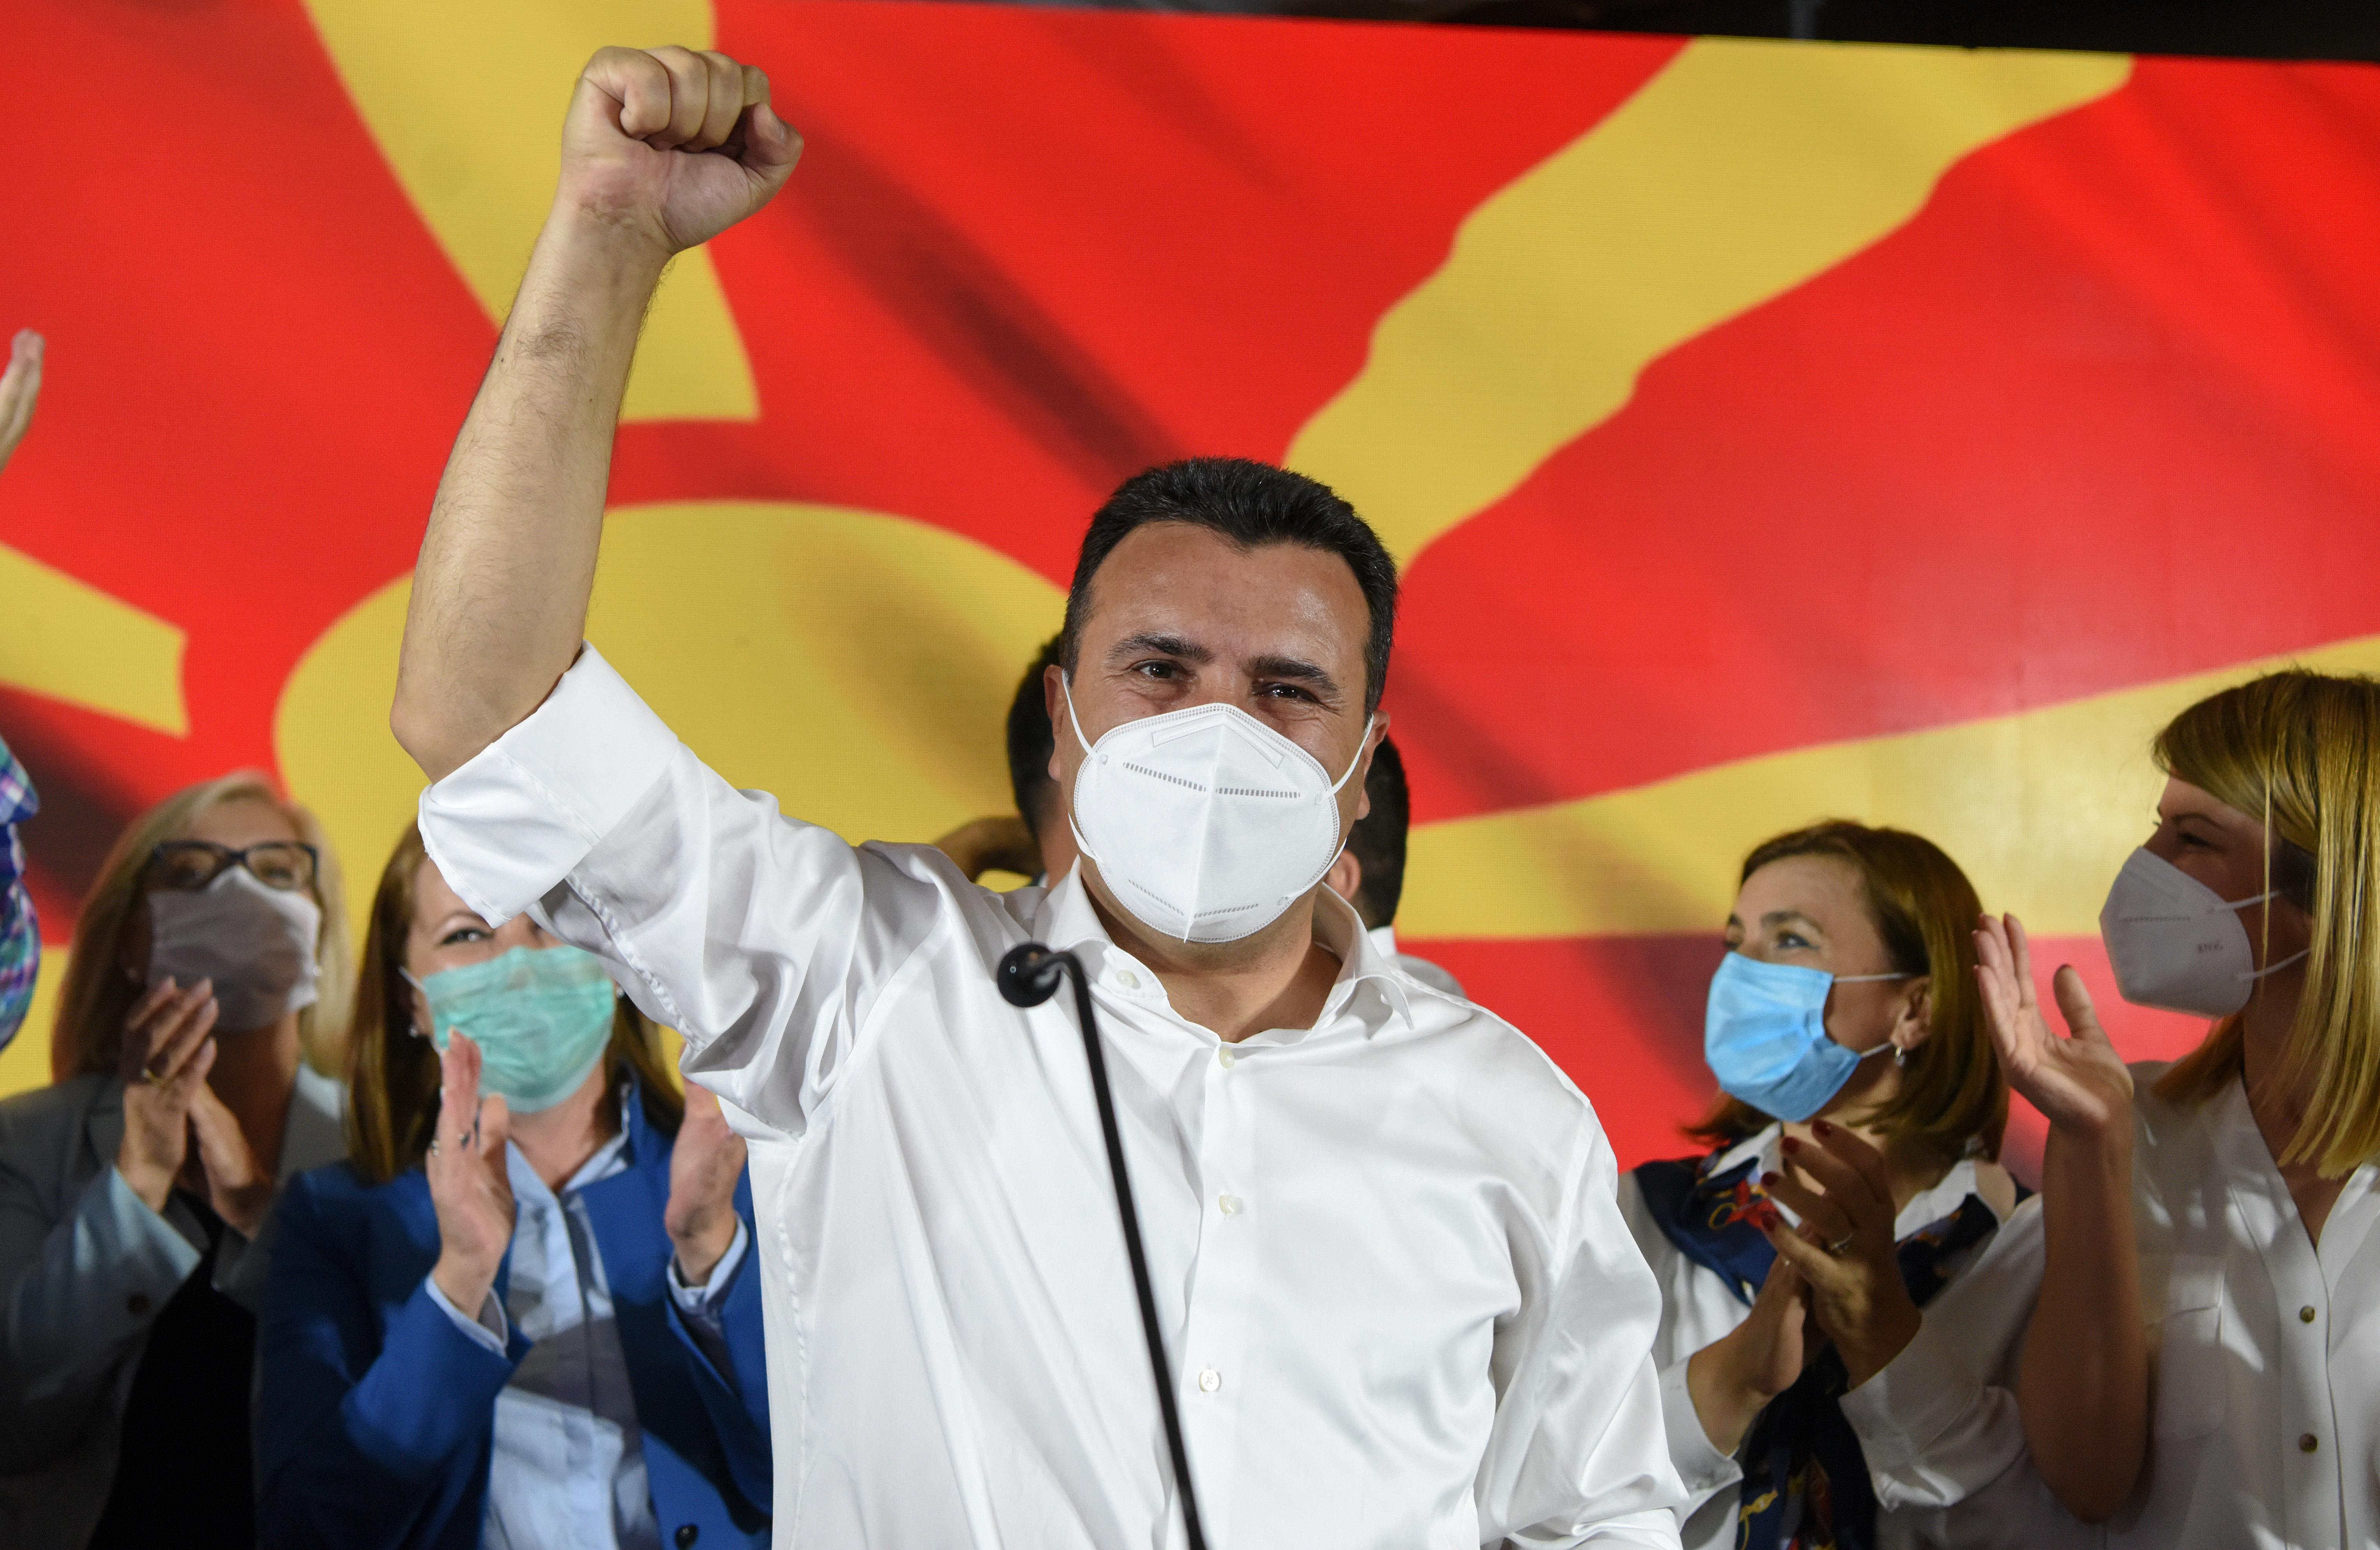 Választást tartottak Észak-Macedóniában, de minden pontosan ugyanolyan zavaros maradt, mint amilyen volt